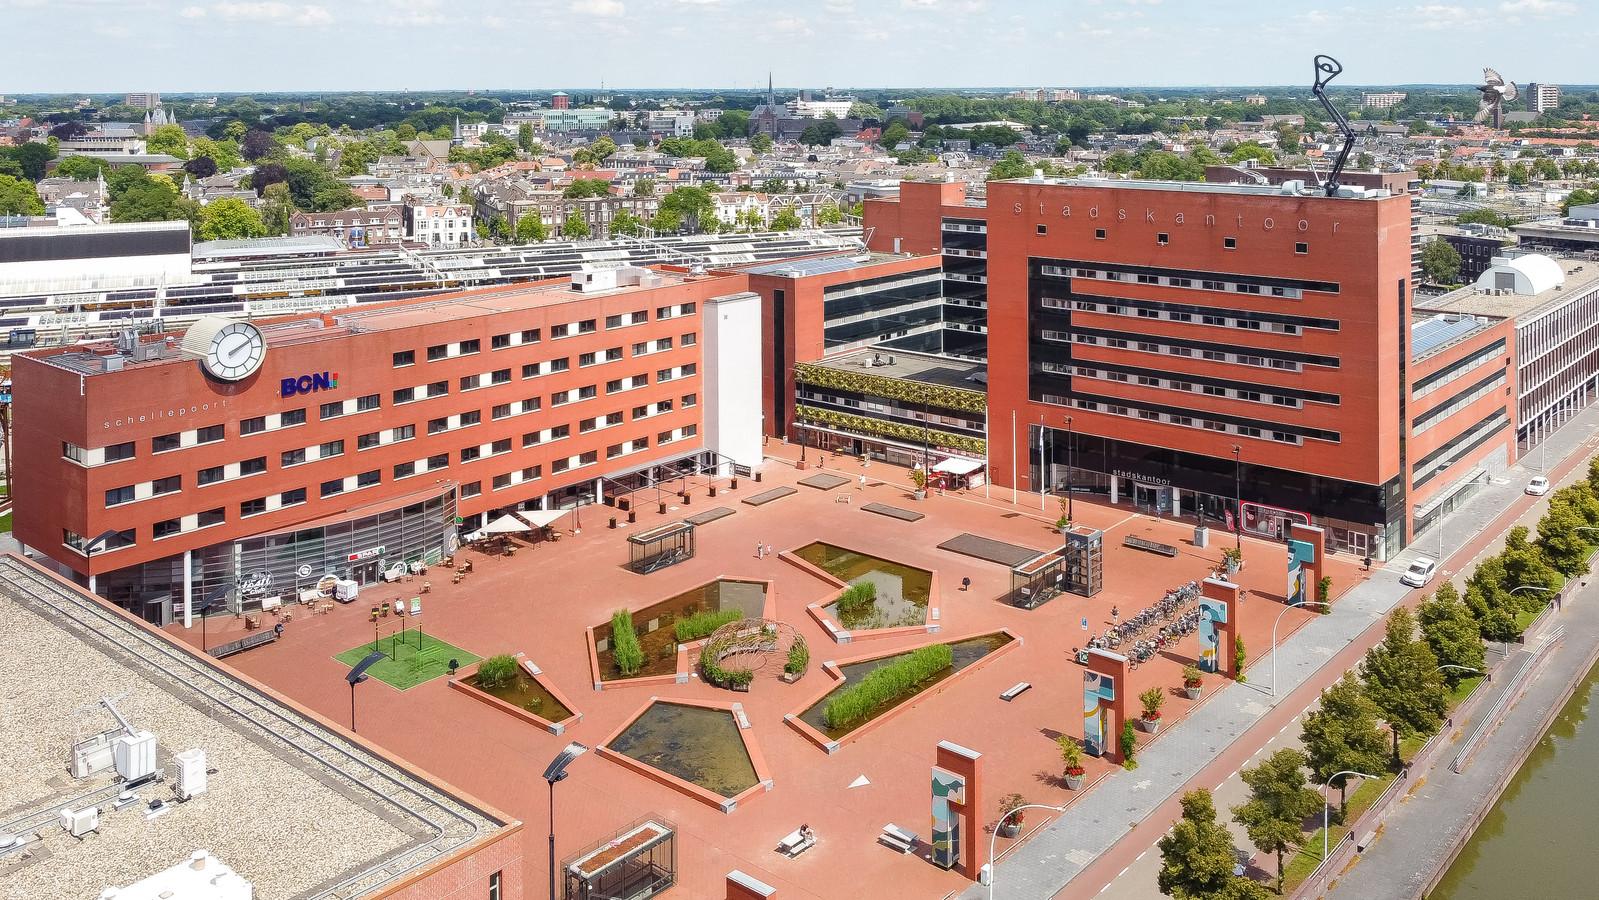 De demonstratie is verplaatst naar het Lübeckplein in Zwolle.